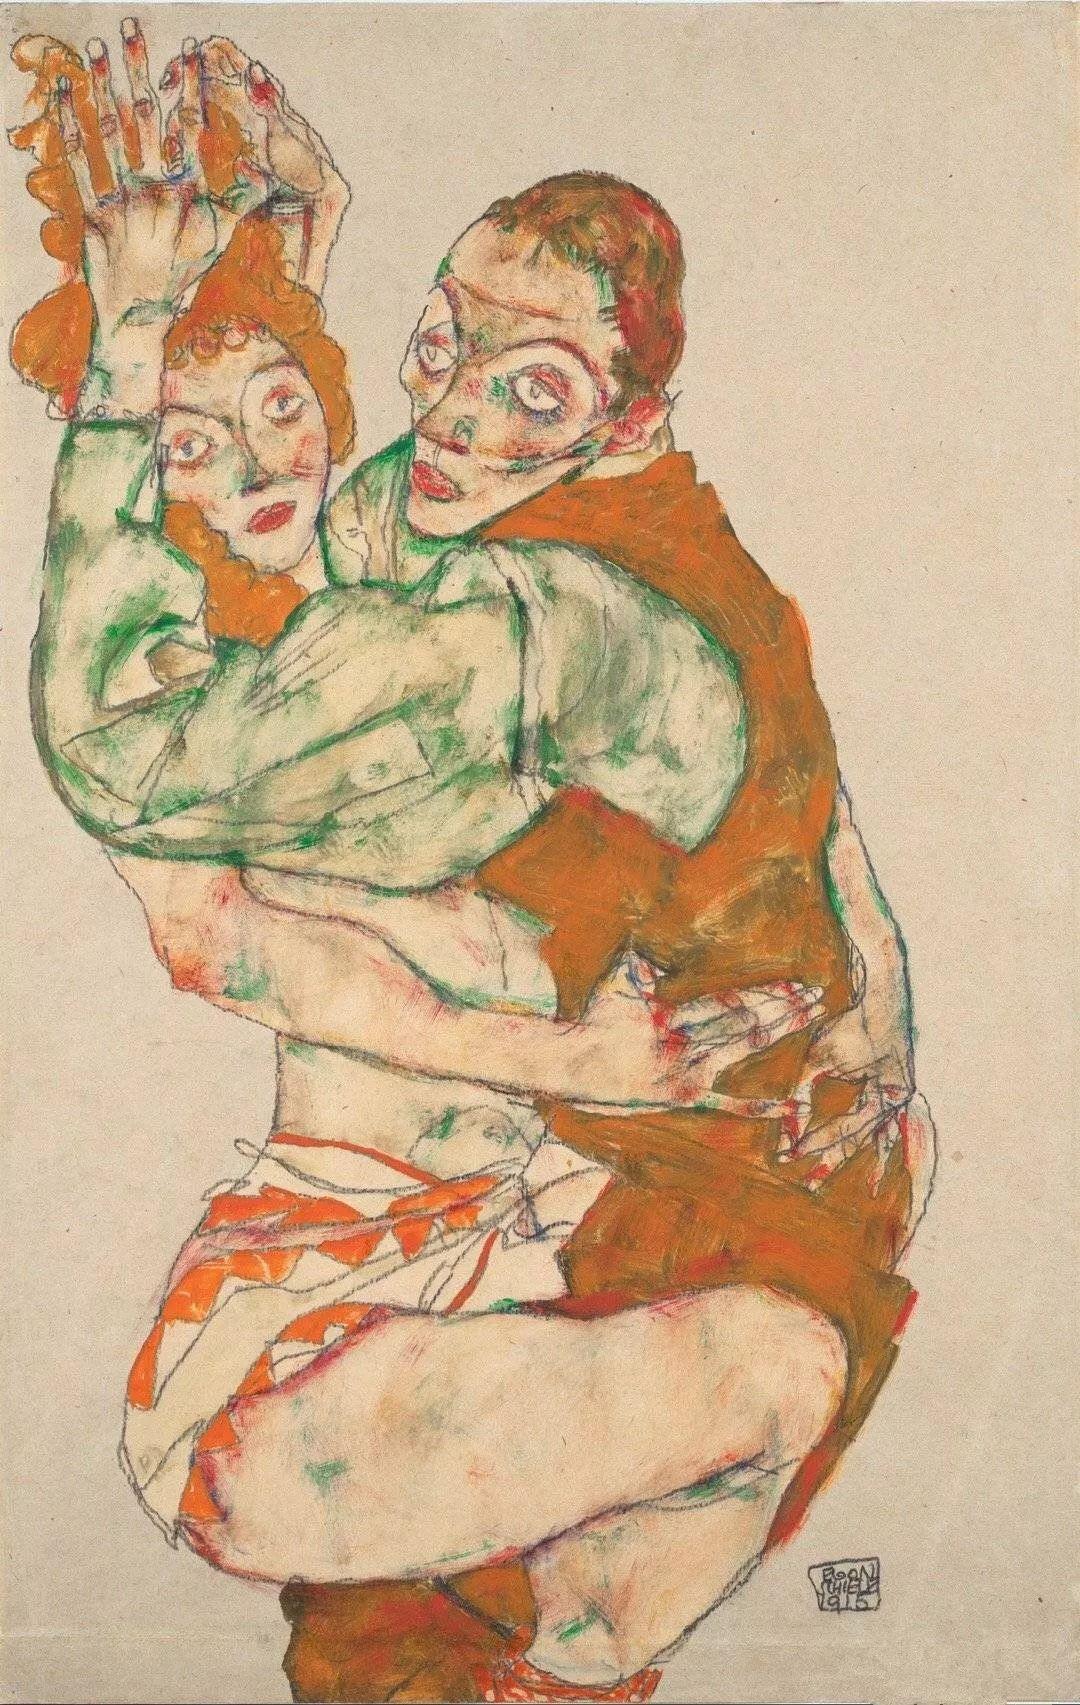 年仅28岁,生前遭受非议,死后却被捧为直逼心灵的艺术家插图61